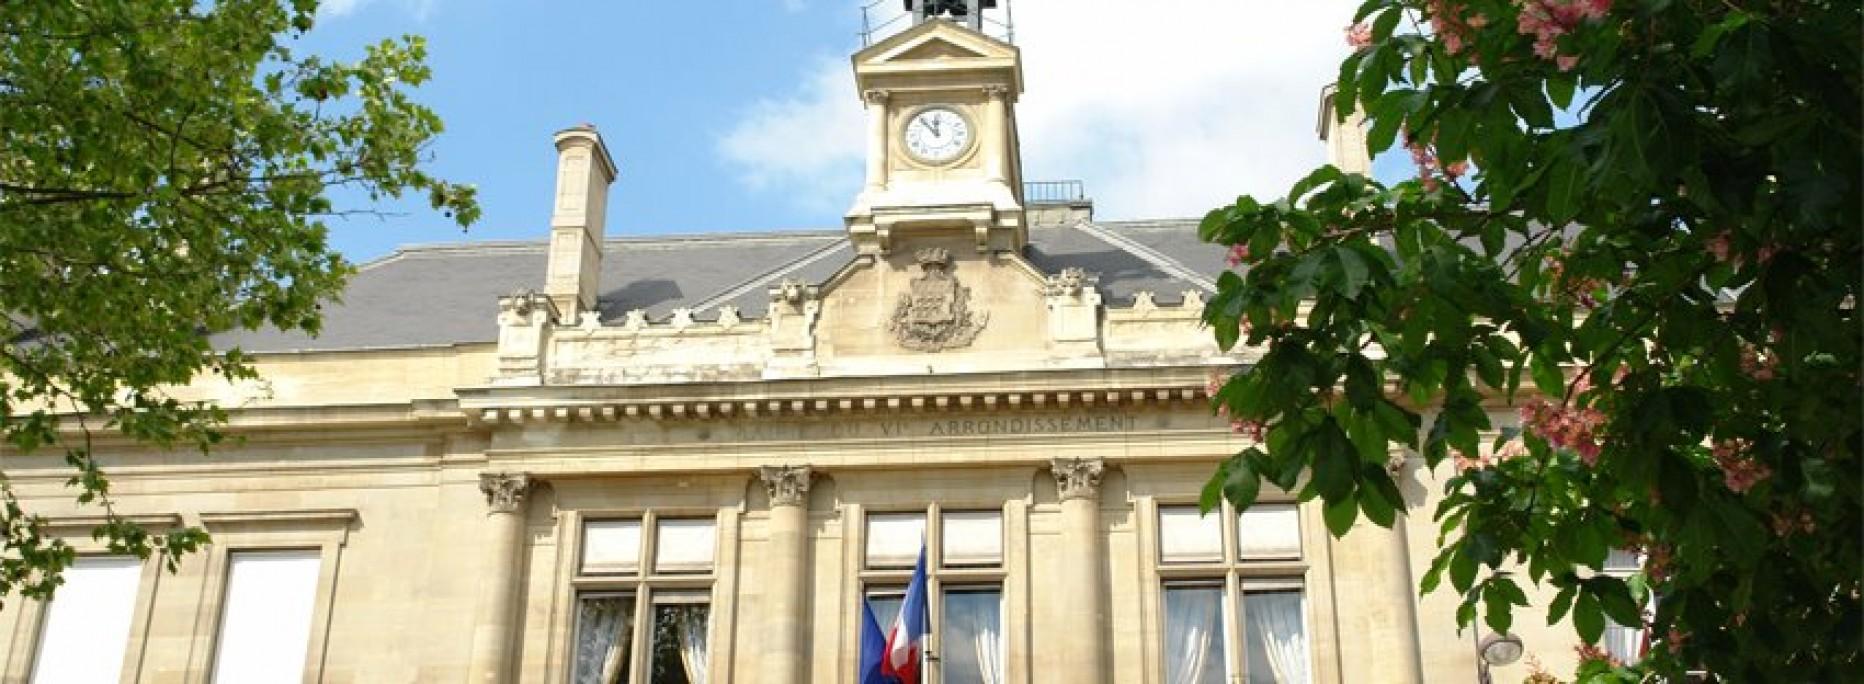 Mairie du 6ème arrondissement